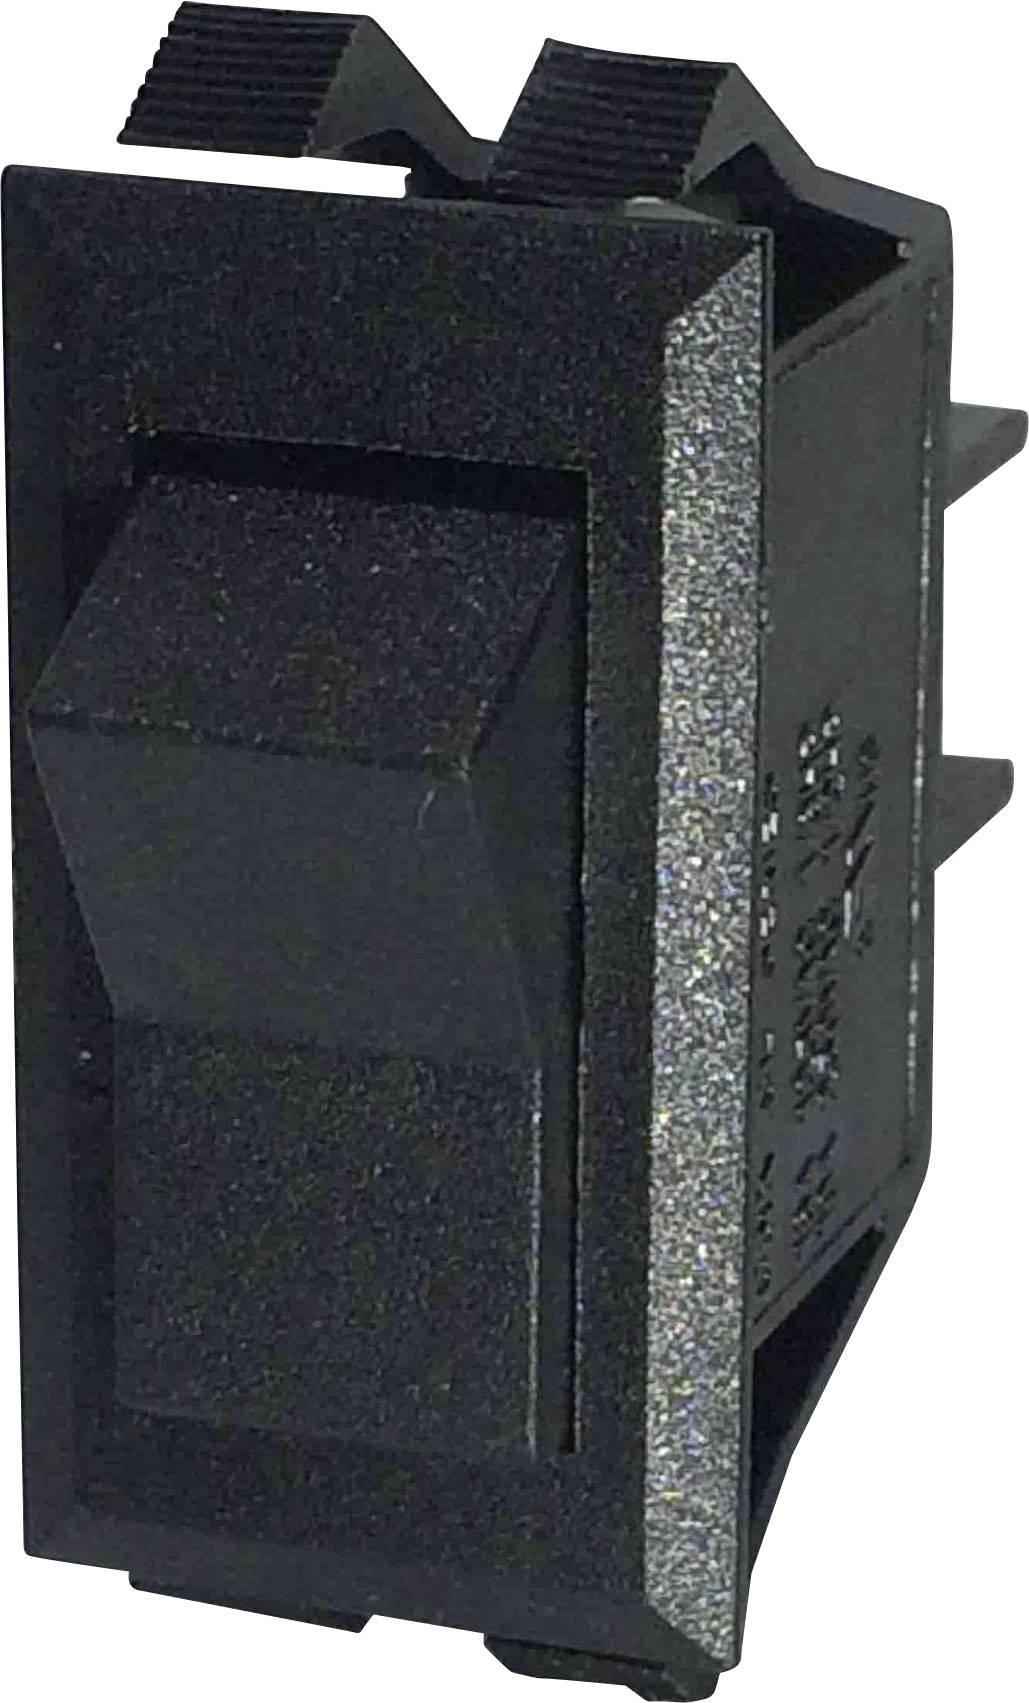 Kolískový spínač SCI R13-72C-01 s aretáciou 250 V/AC, 10 A, 1 zap/zap, čierna, 1 ks